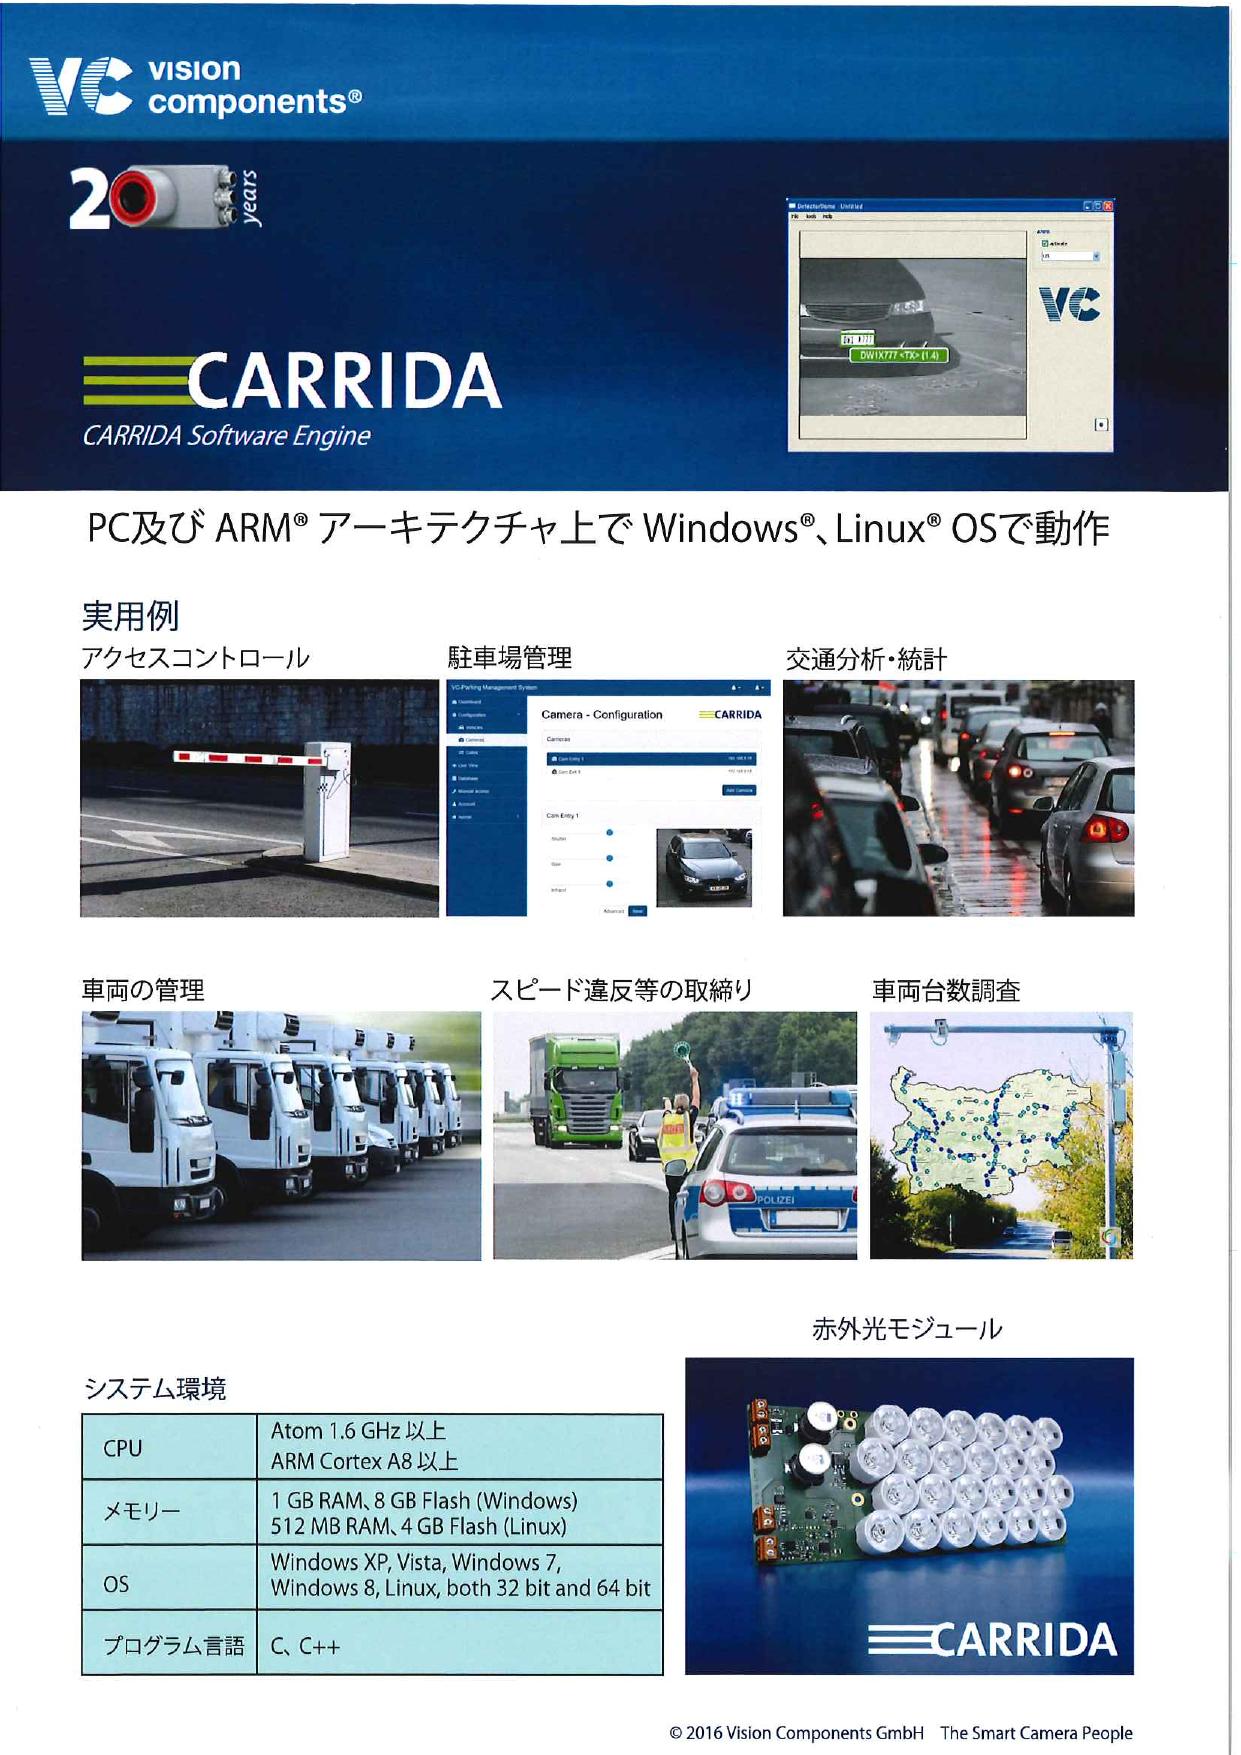 ソフトウェアエンジン CARRIDA